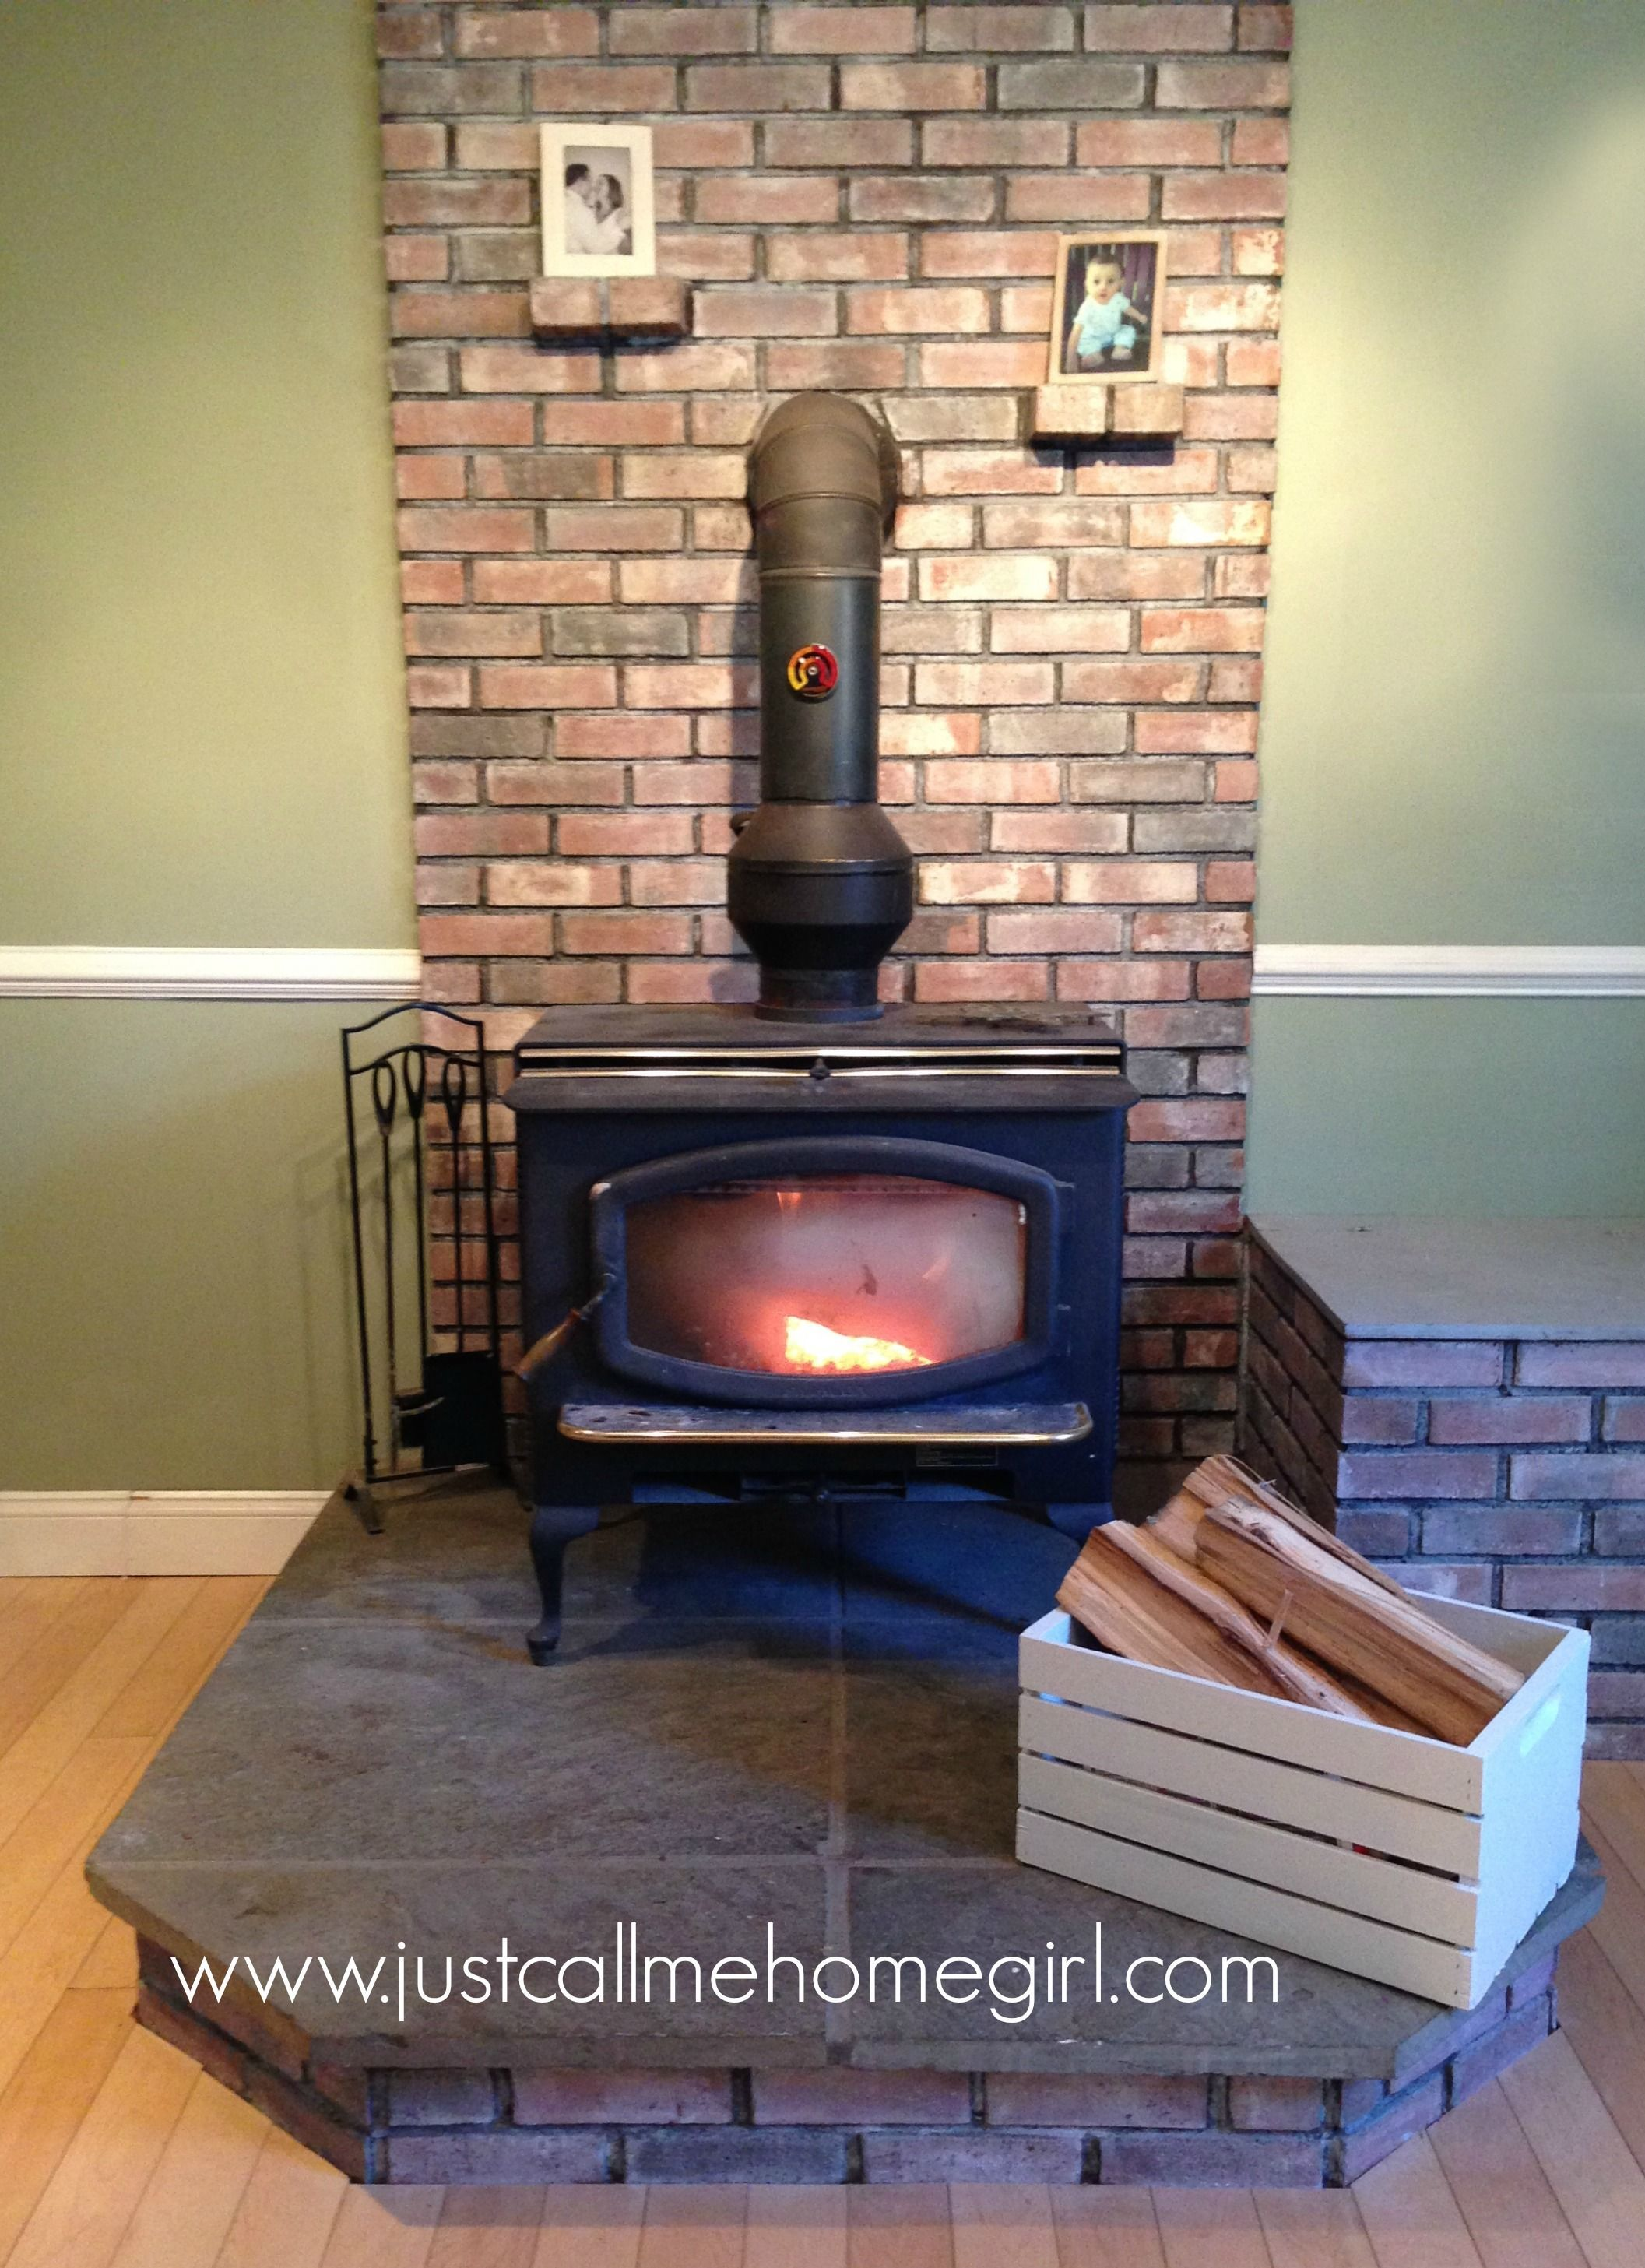 Diy Wood Stove Built In Just Call Me Homegirl Builtinstove Diy Wood Stove Wood Stove Indoor Wood Stove